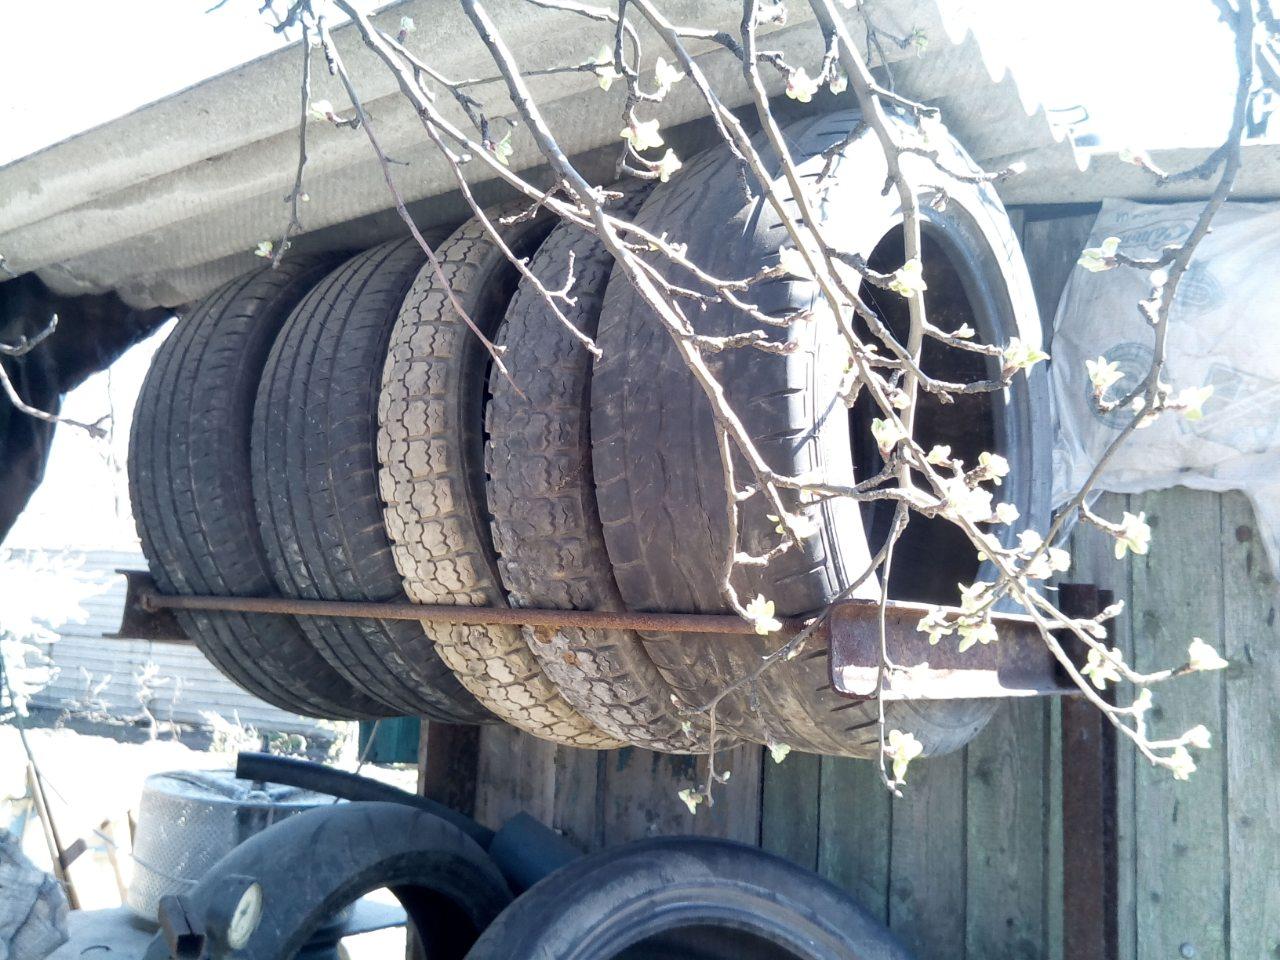 Колеса можно хранить на улице, спрятав под навесом от дождя и солнца